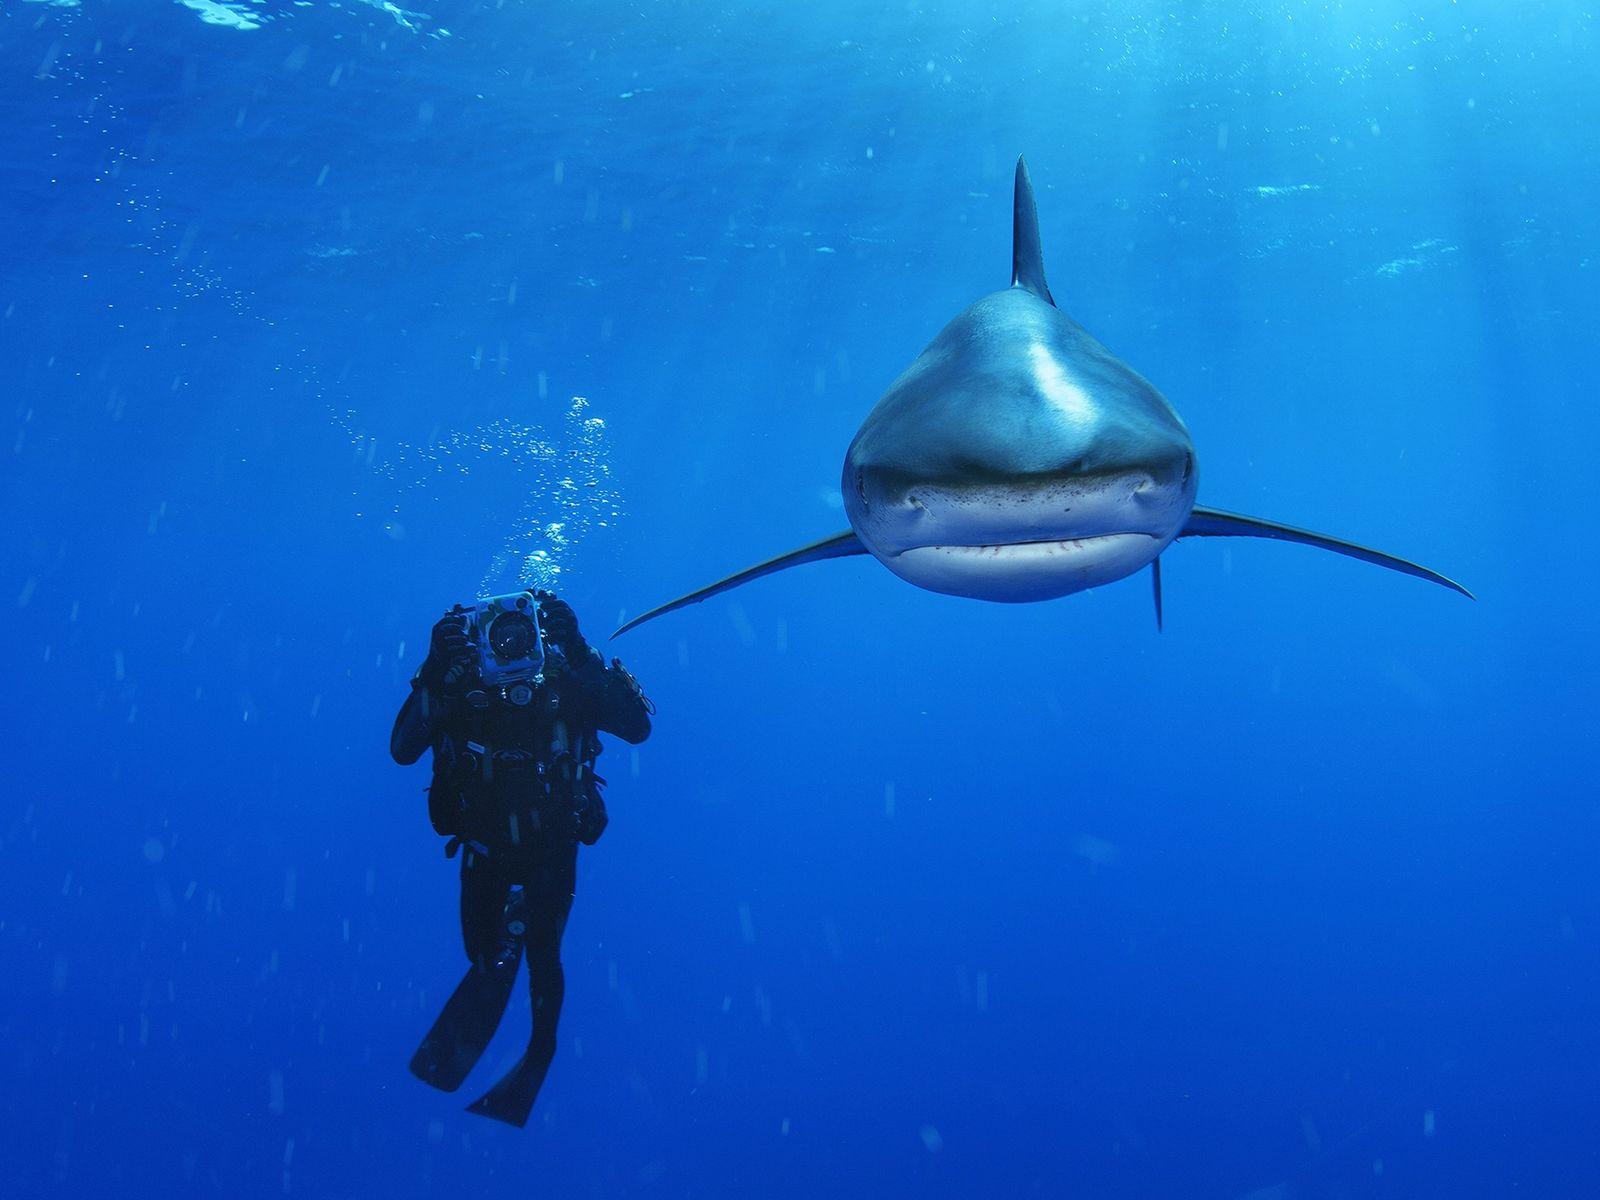 Fotografia de um mergulhador ao lado de um tubarão